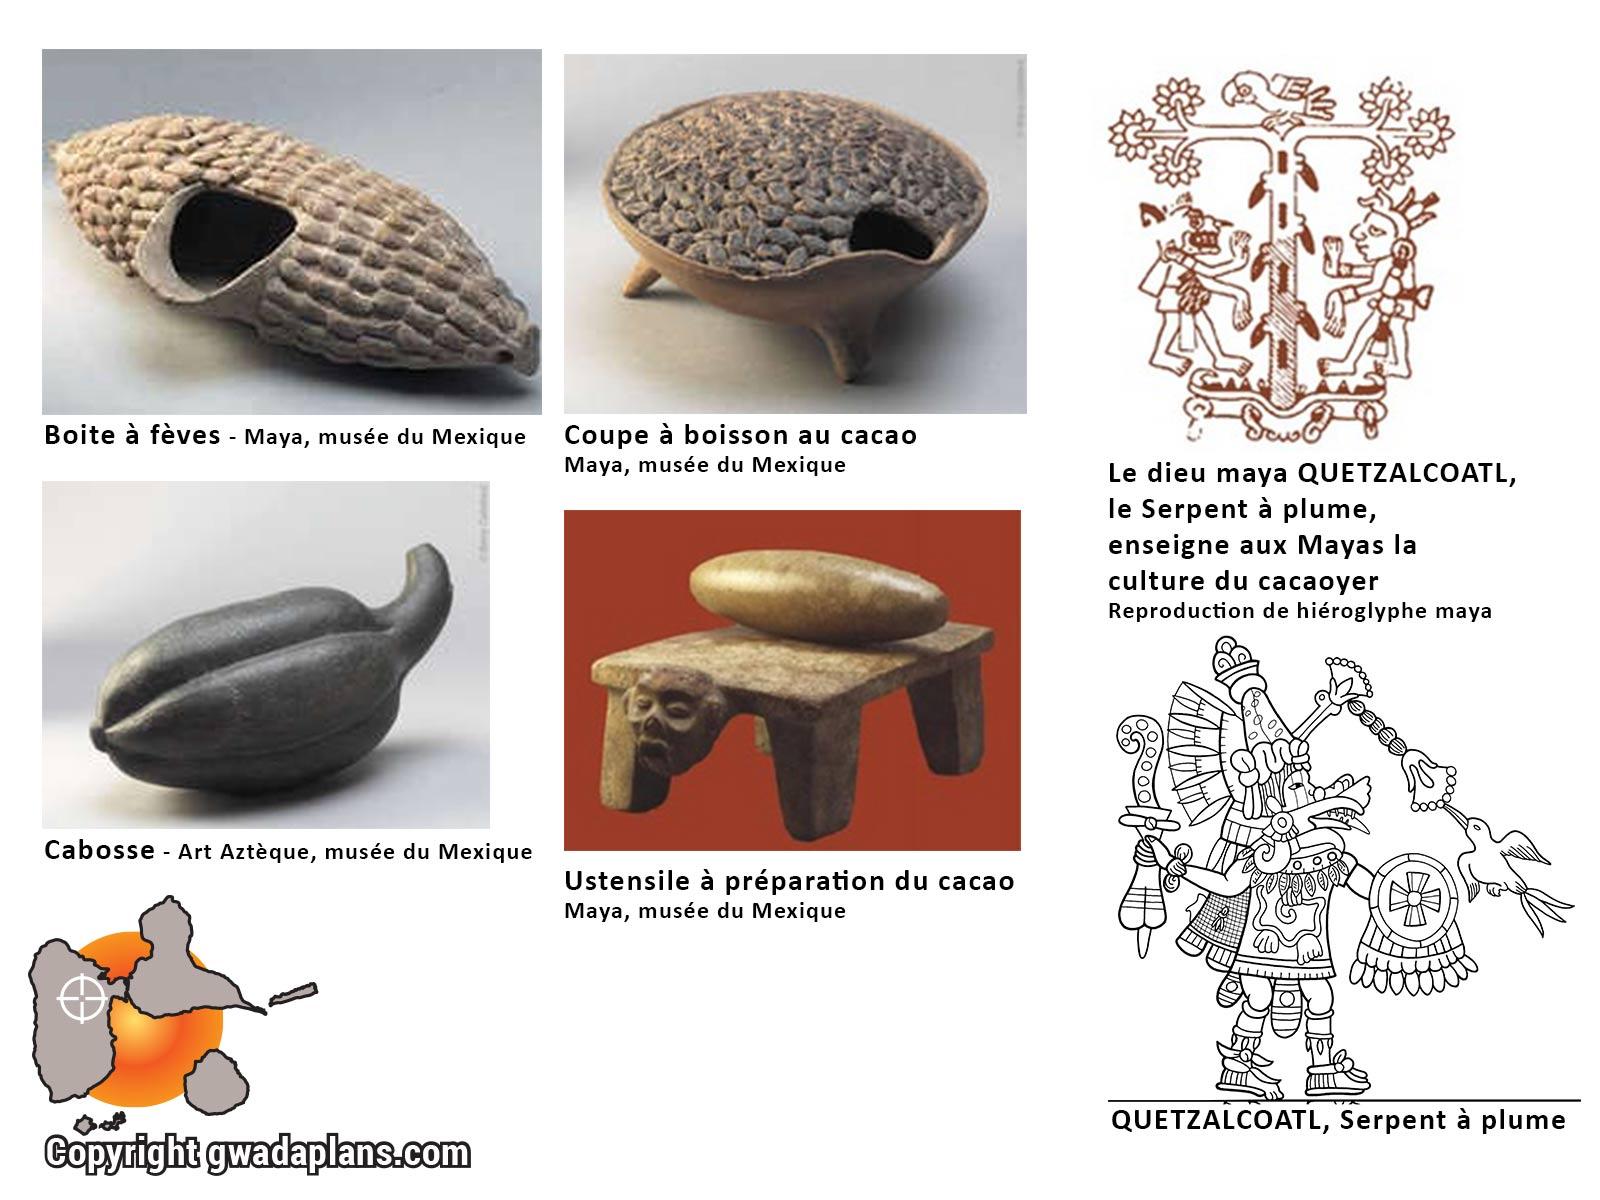 Cacao chez les civilisations maya et aztèque